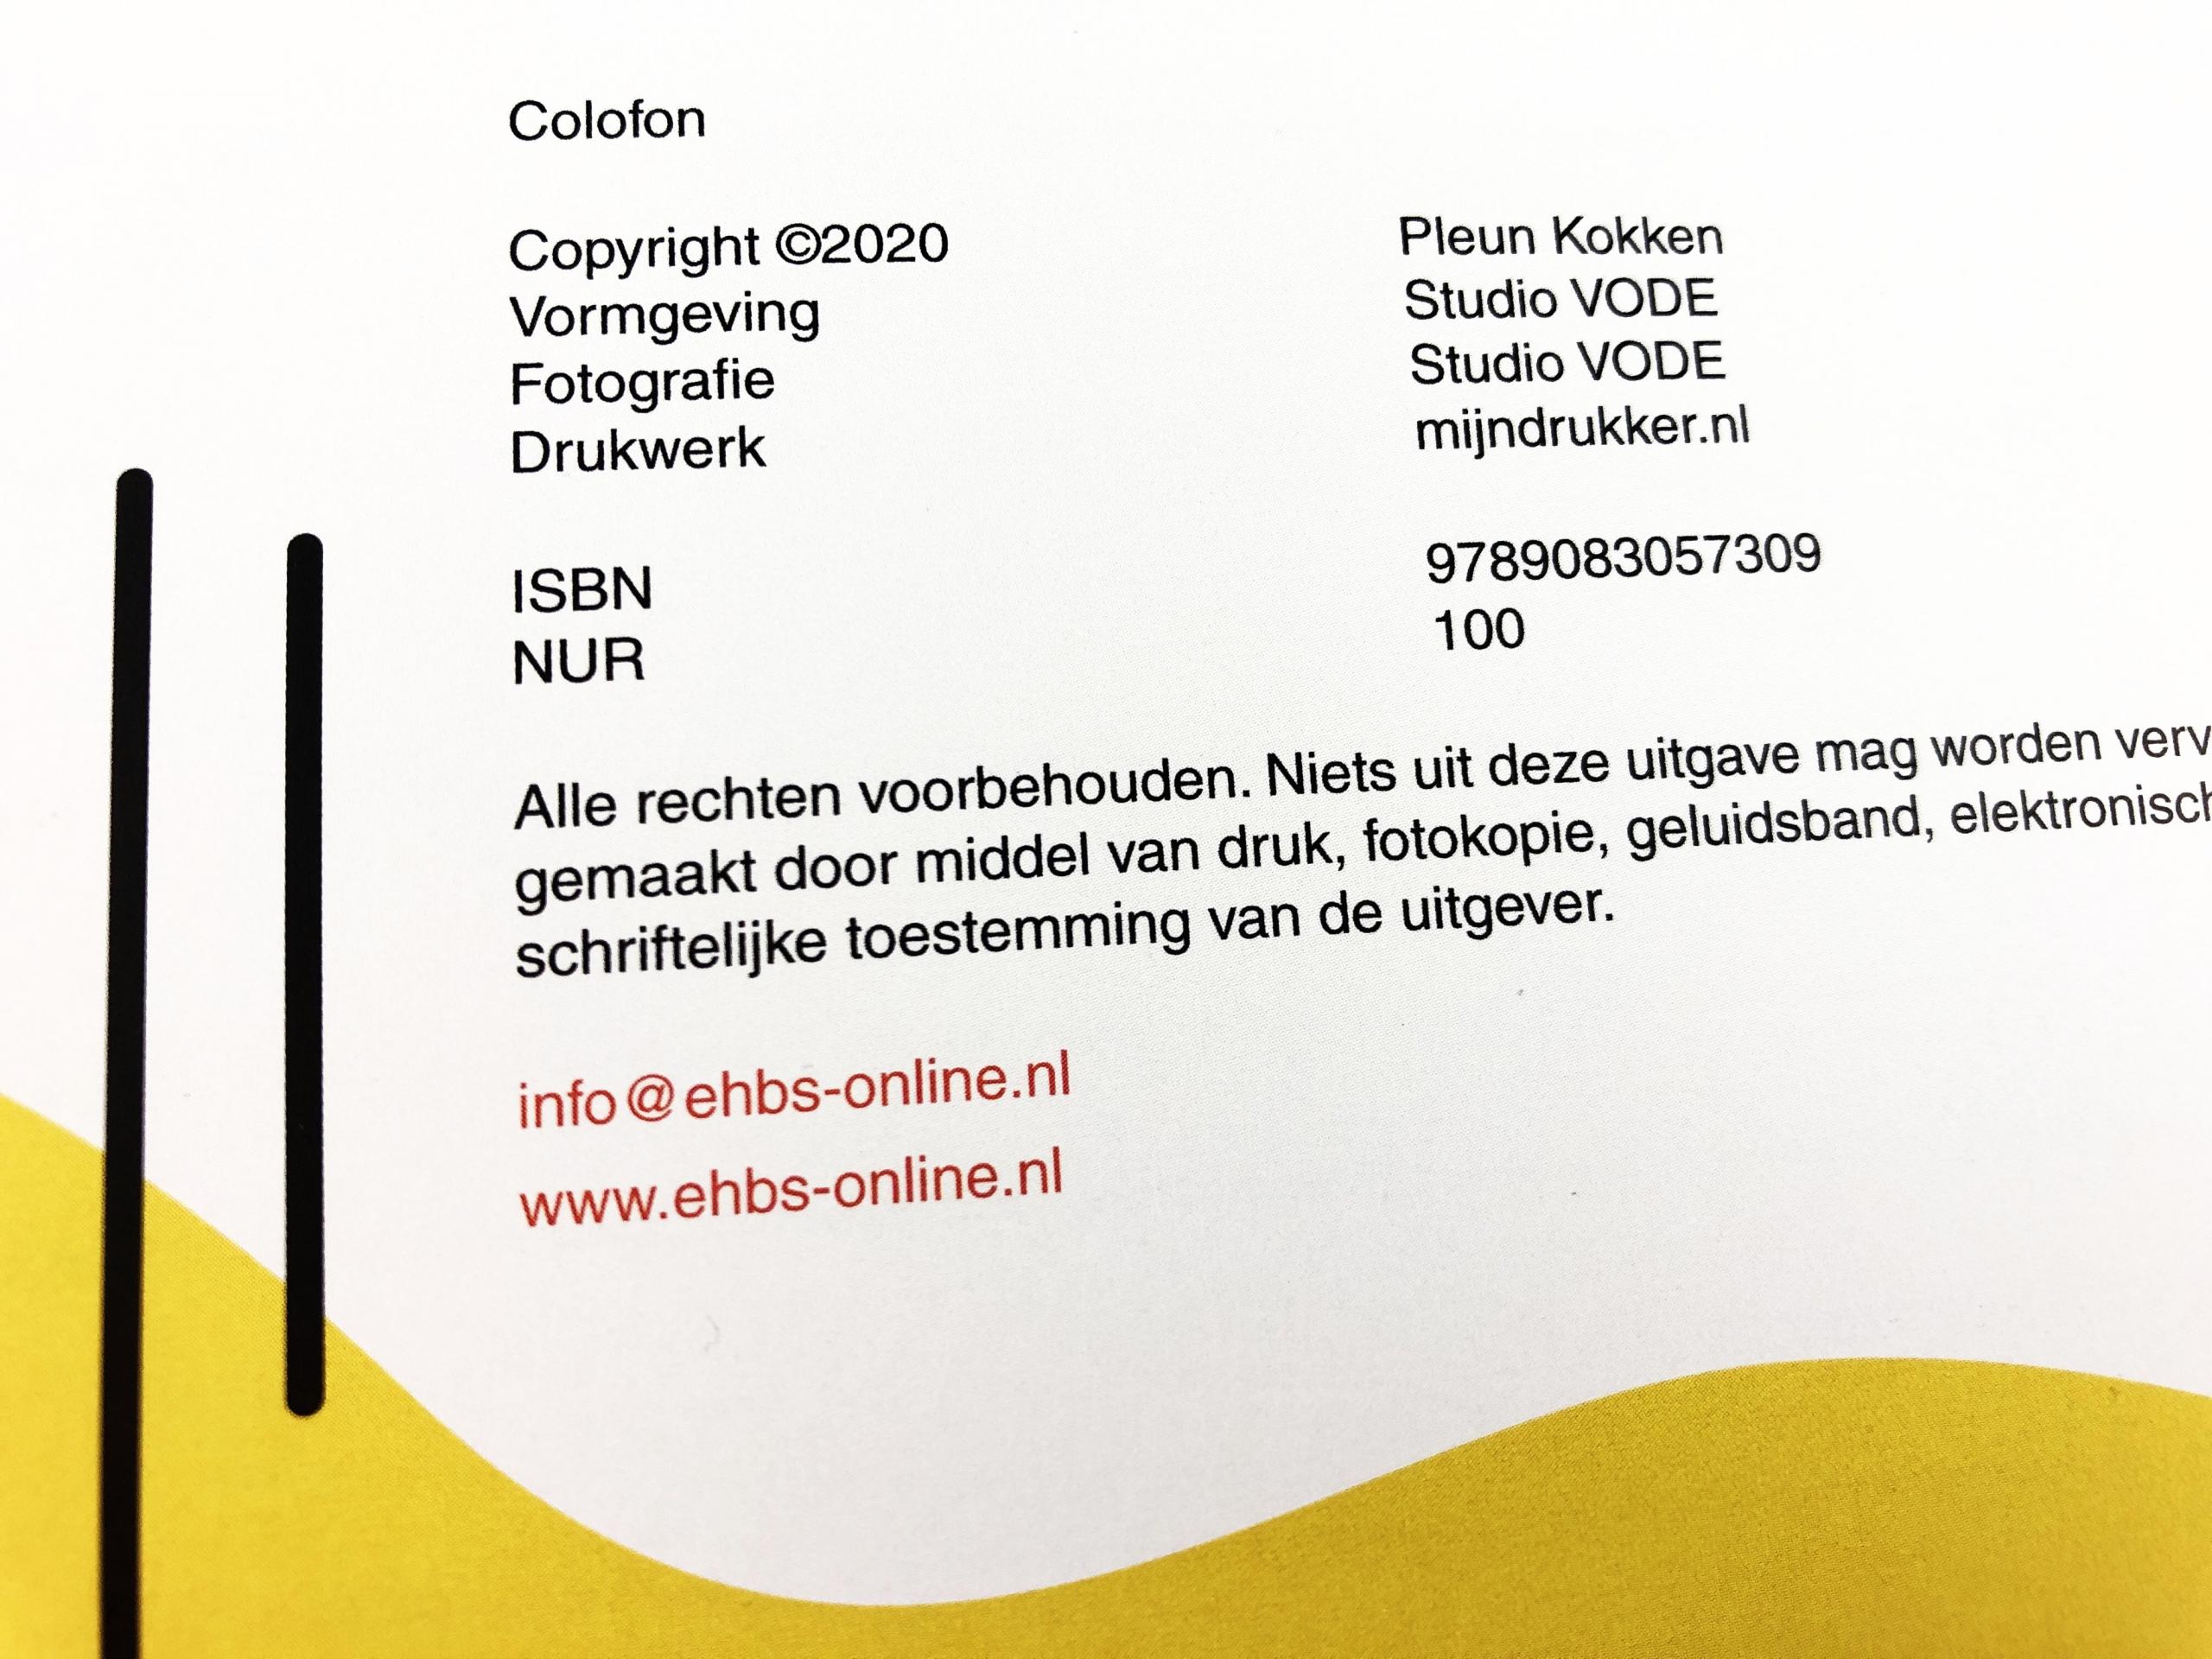 mijndrukker.nl - Hardcover Wire-O, 'Eerste Hulp Bij Schrijfproblemen' - Drukwerk mijndrukker.nl